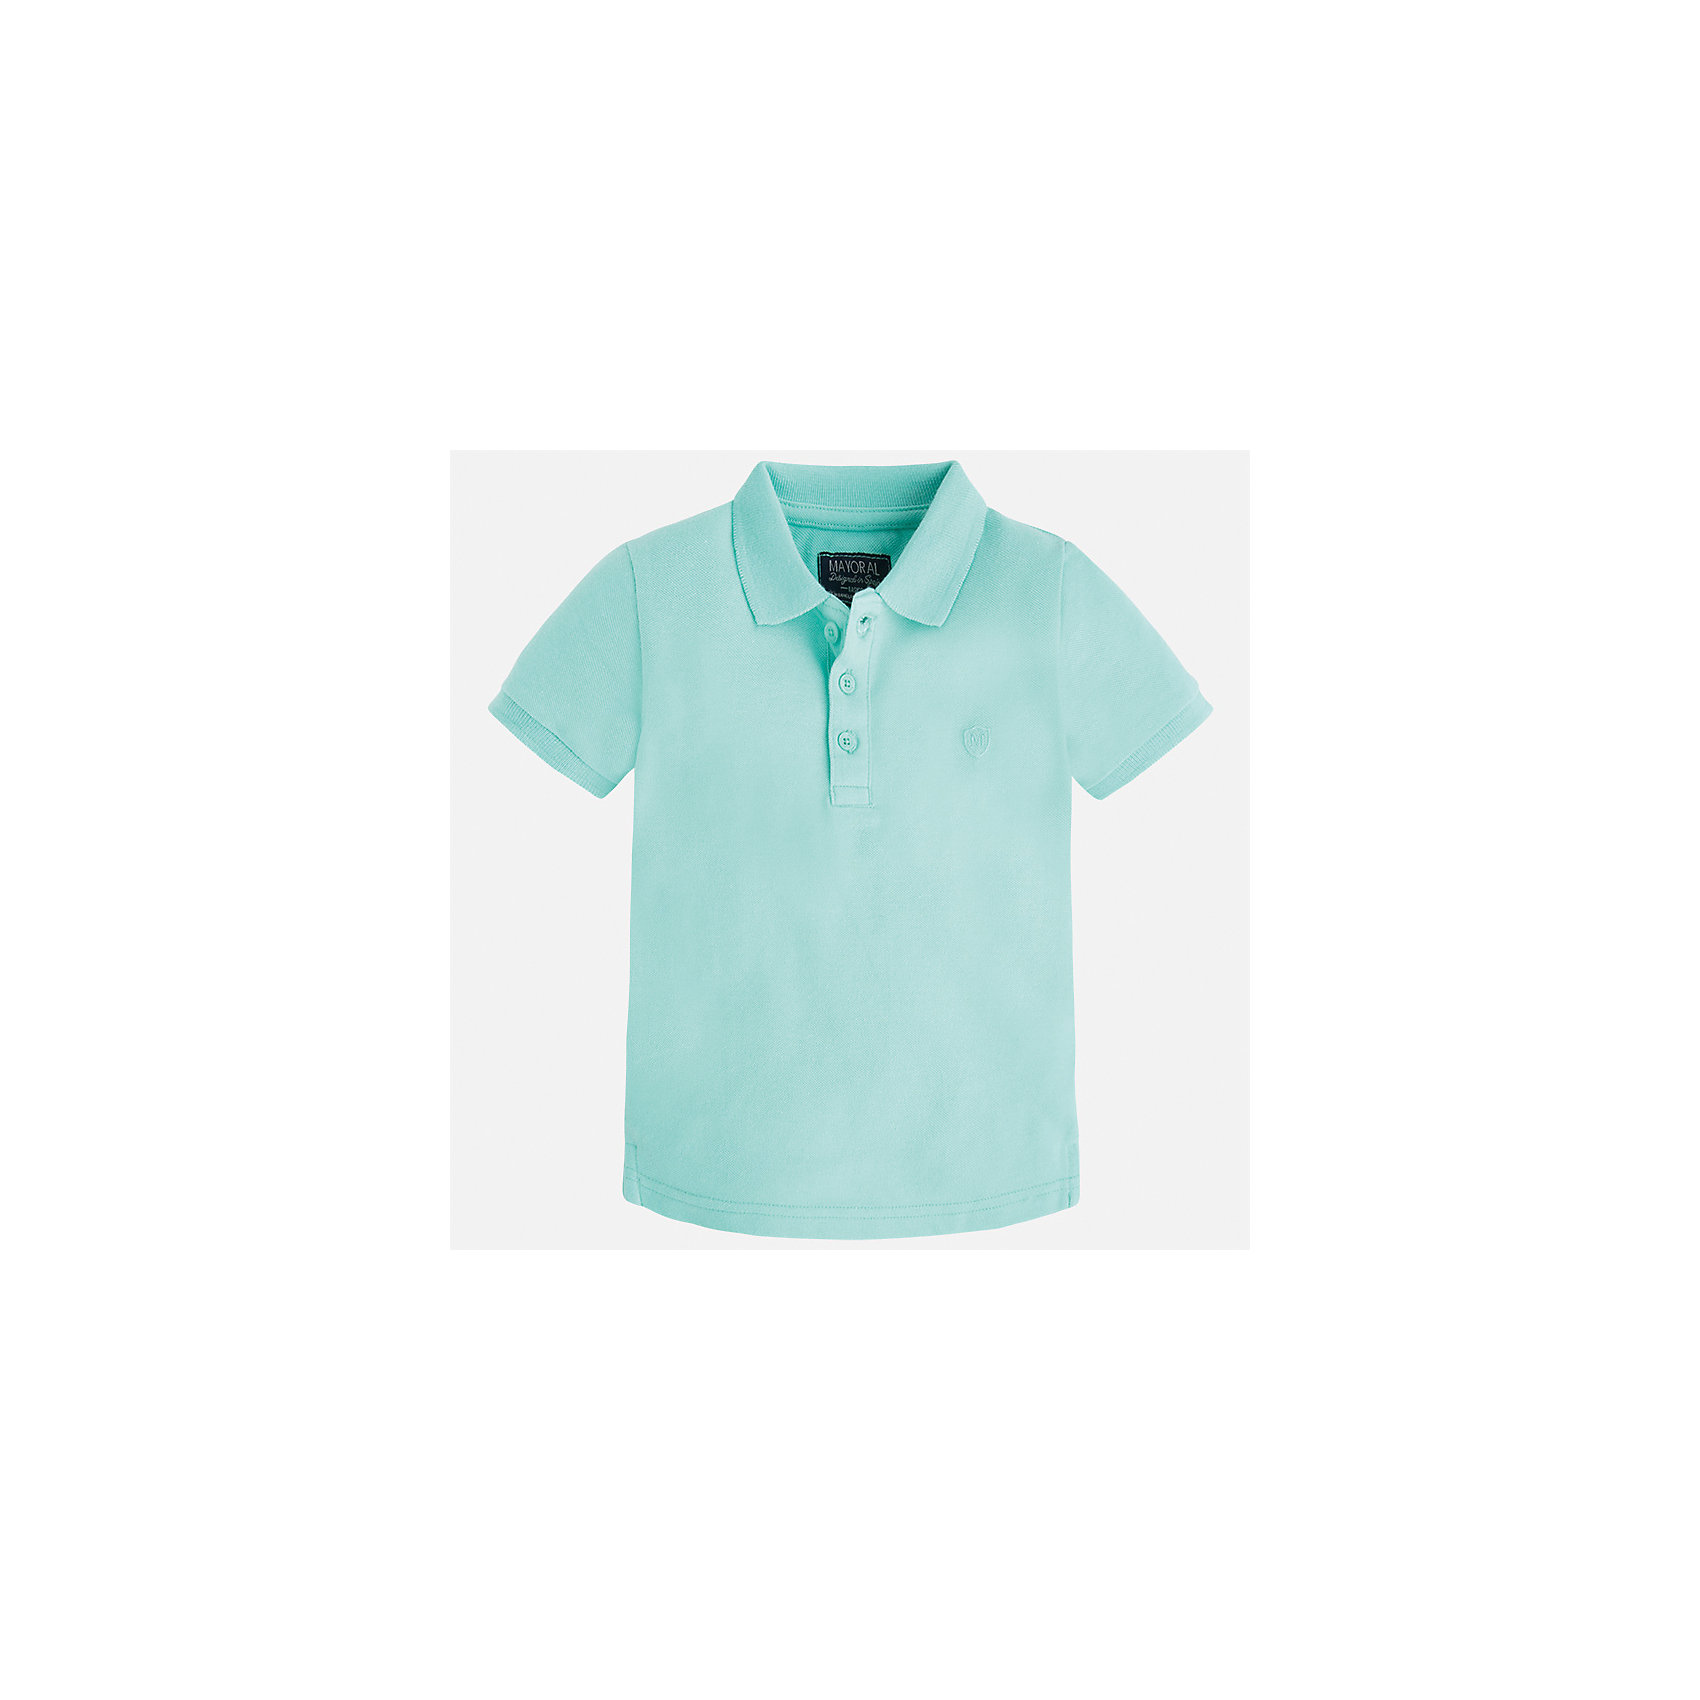 Футболка-поло для мальчика MayoralФутболки, поло и топы<br>Характеристики товара:<br><br>• цвет: зеленый<br>• состав: 100% хлопок<br>• отложной воротник<br>• короткие рукава<br>• застежка: пуговицы<br>• вышивка на груди<br>• страна бренда: Испания<br><br>Стильная удобная футболка-поло для мальчика может стать базовой вещью в гардеробе ребенка. Она отлично сочетается с брюками, шортами, джинсами и т.д. Универсальный крой и цвет позволяет подобрать к вещи низ разных расцветок. Практичное и стильное изделие! В составе материала - только натуральный хлопок, гипоаллергенный, приятный на ощупь, дышащий.<br><br>Одежда, обувь и аксессуары от испанского бренда Mayoral полюбились детям и взрослым по всему миру. Модели этой марки - стильные и удобные. Для их производства используются только безопасные, качественные материалы и фурнитура. Порадуйте ребенка модными и красивыми вещами от Mayoral! <br><br>Футболку-поло для мальчика от испанского бренда Mayoral (Майорал) можно купить в нашем интернет-магазине.<br><br>Ширина мм: 230<br>Глубина мм: 40<br>Высота мм: 220<br>Вес г: 250<br>Цвет: зеленый<br>Возраст от месяцев: 36<br>Возраст до месяцев: 48<br>Пол: Мужской<br>Возраст: Детский<br>Размер: 104,134,128,122,116,110,98,92<br>SKU: 5277776